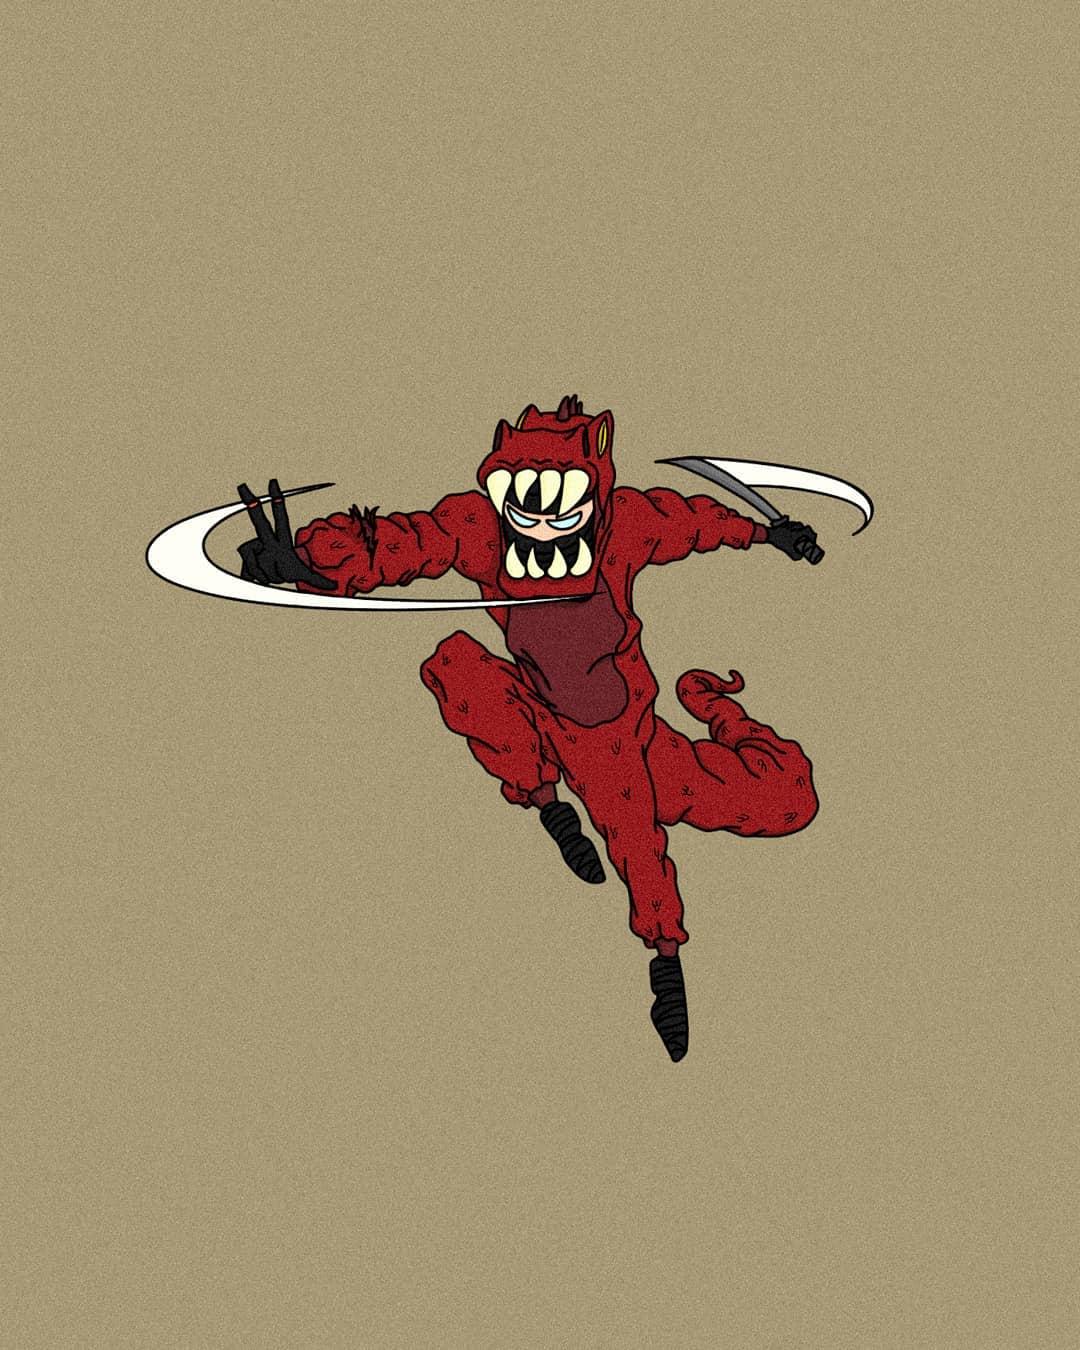 A ninja in a T-rex suit